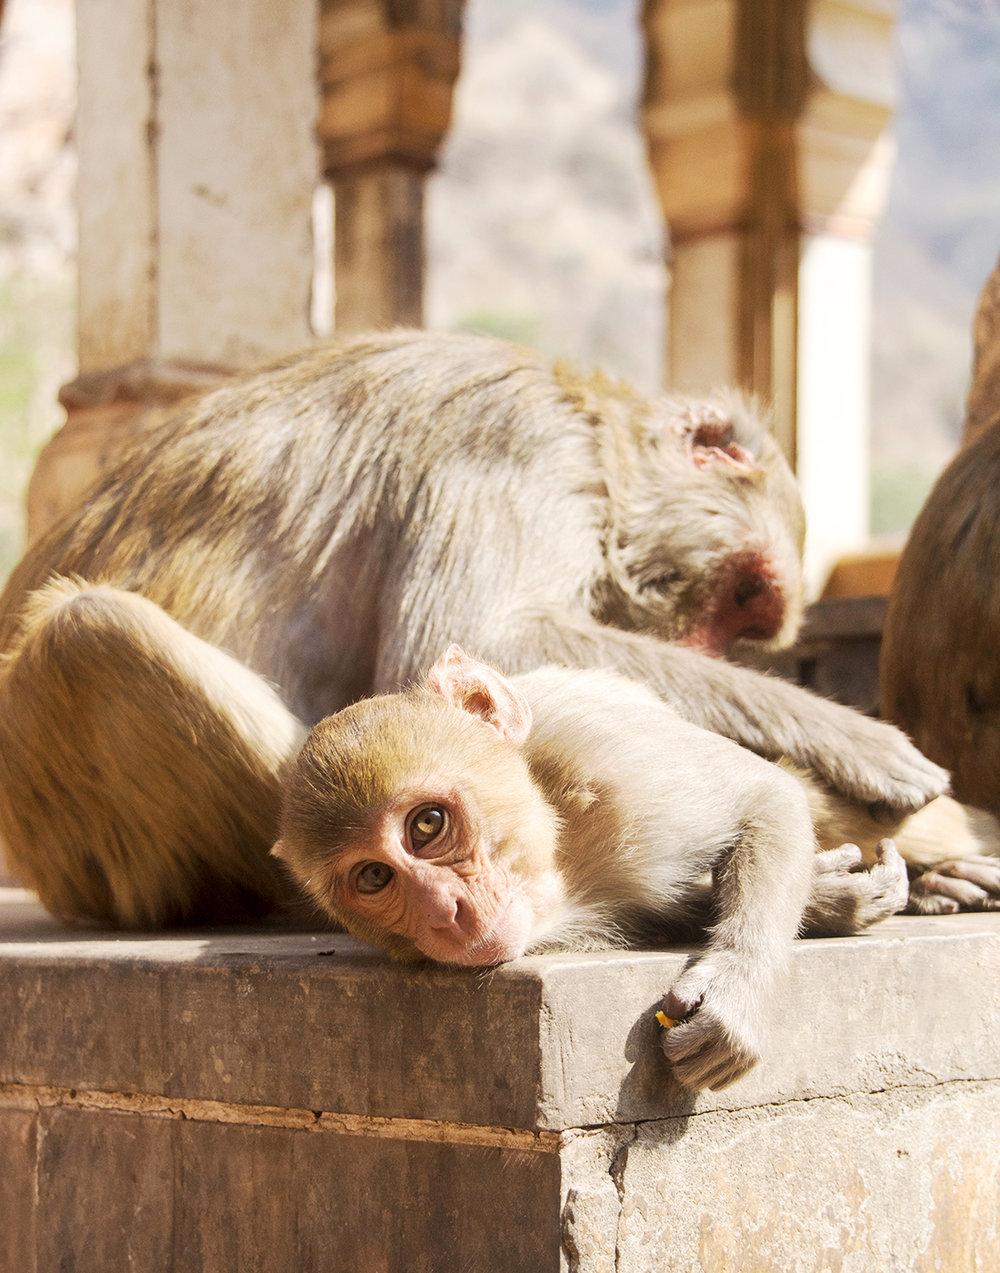 Monkey_Temple_grooming_web2019.jpg